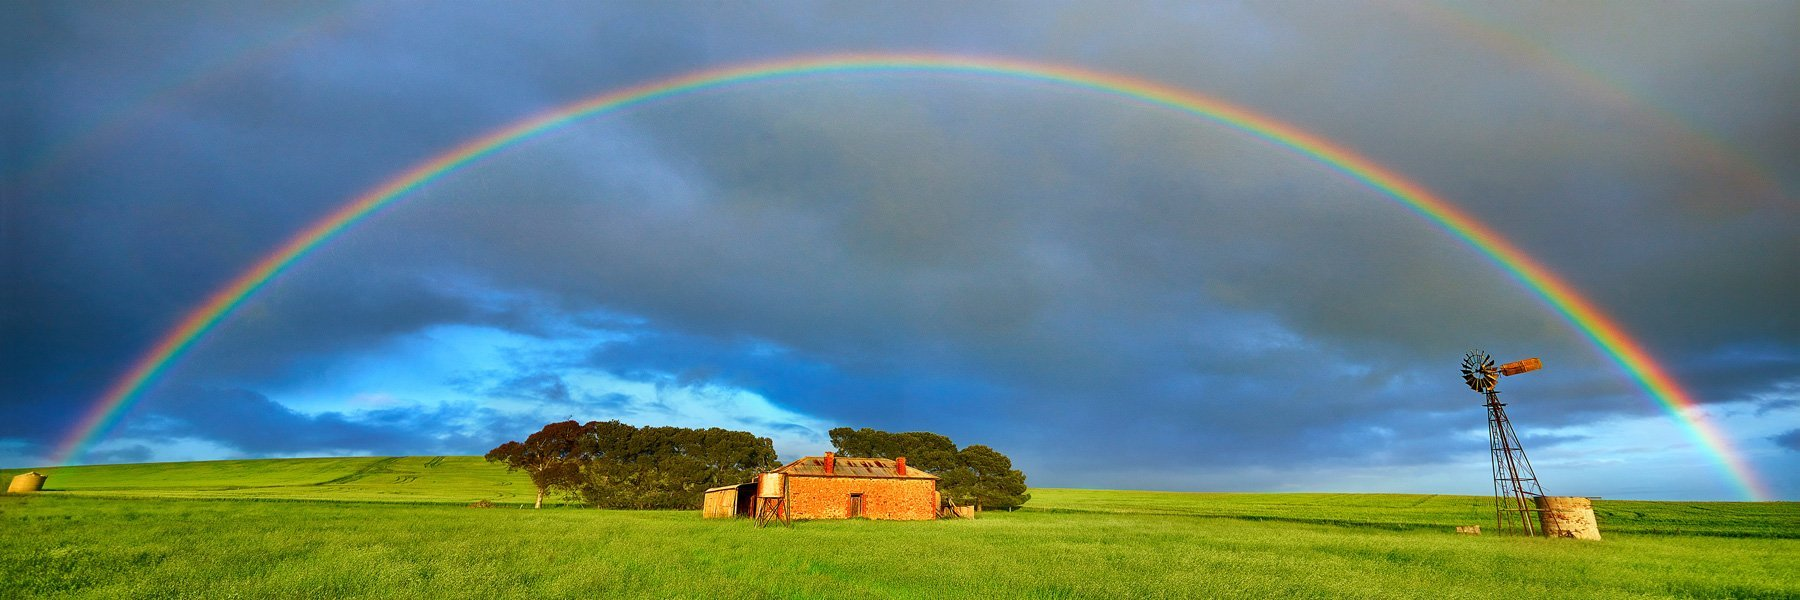 A beautiful rainbow after a storm, SA, Australia.